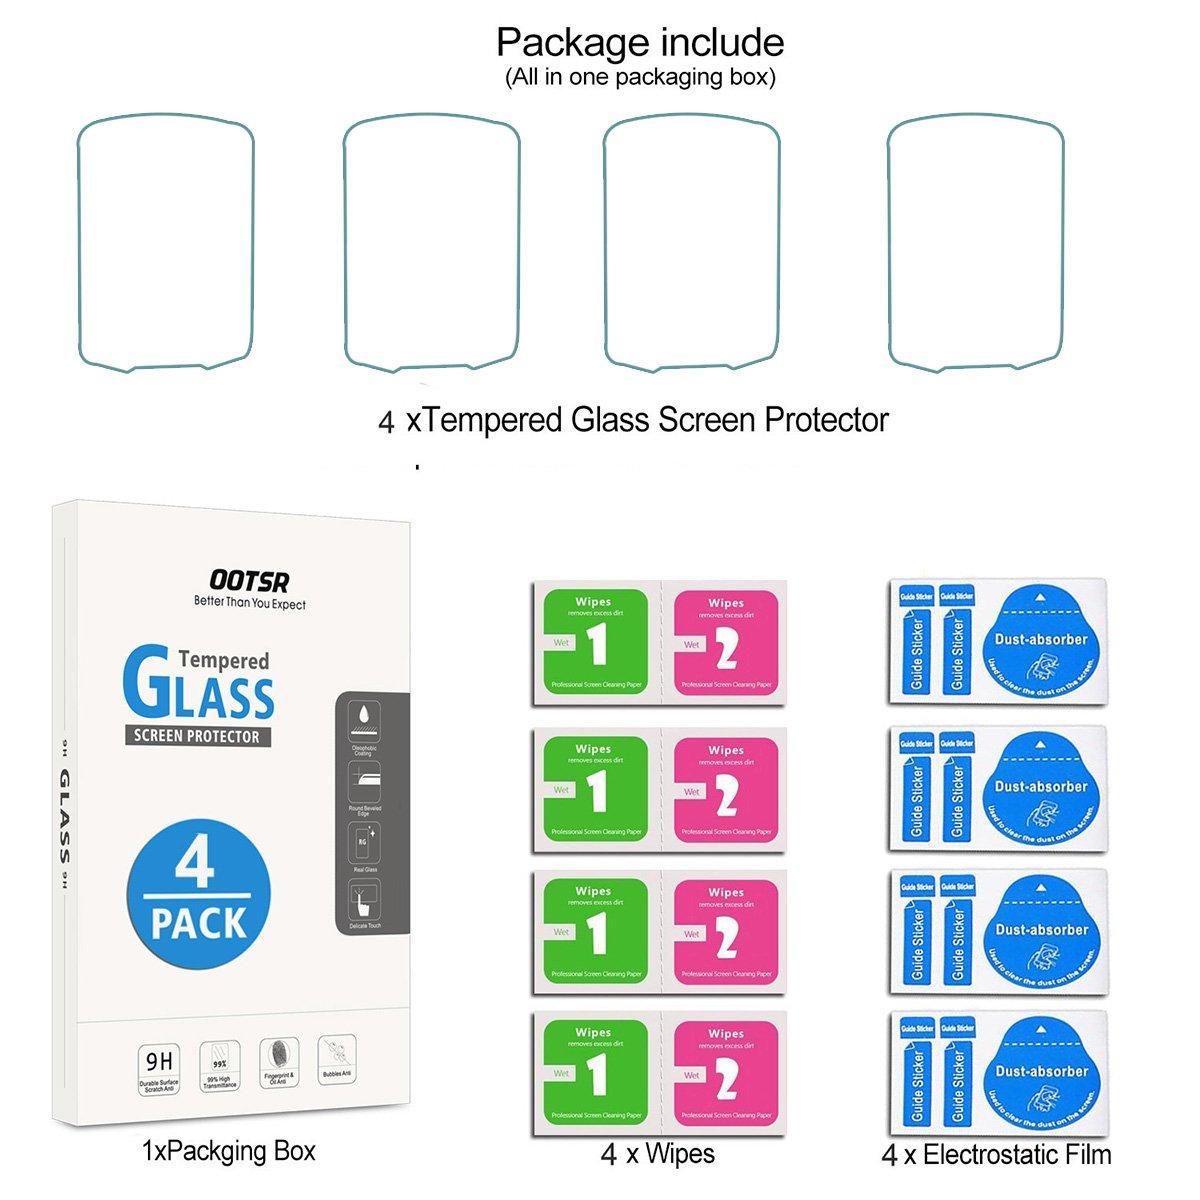 4-Pack Proteggi Schermo a Schermo Intero per Garmin GPSMAP 62 62s 62st 62sc 62stc 64 64s 64st 64sc con Crystal Clear Scratch Resist OOTSR Installazione Facile Bubble-Free Durezza 9H